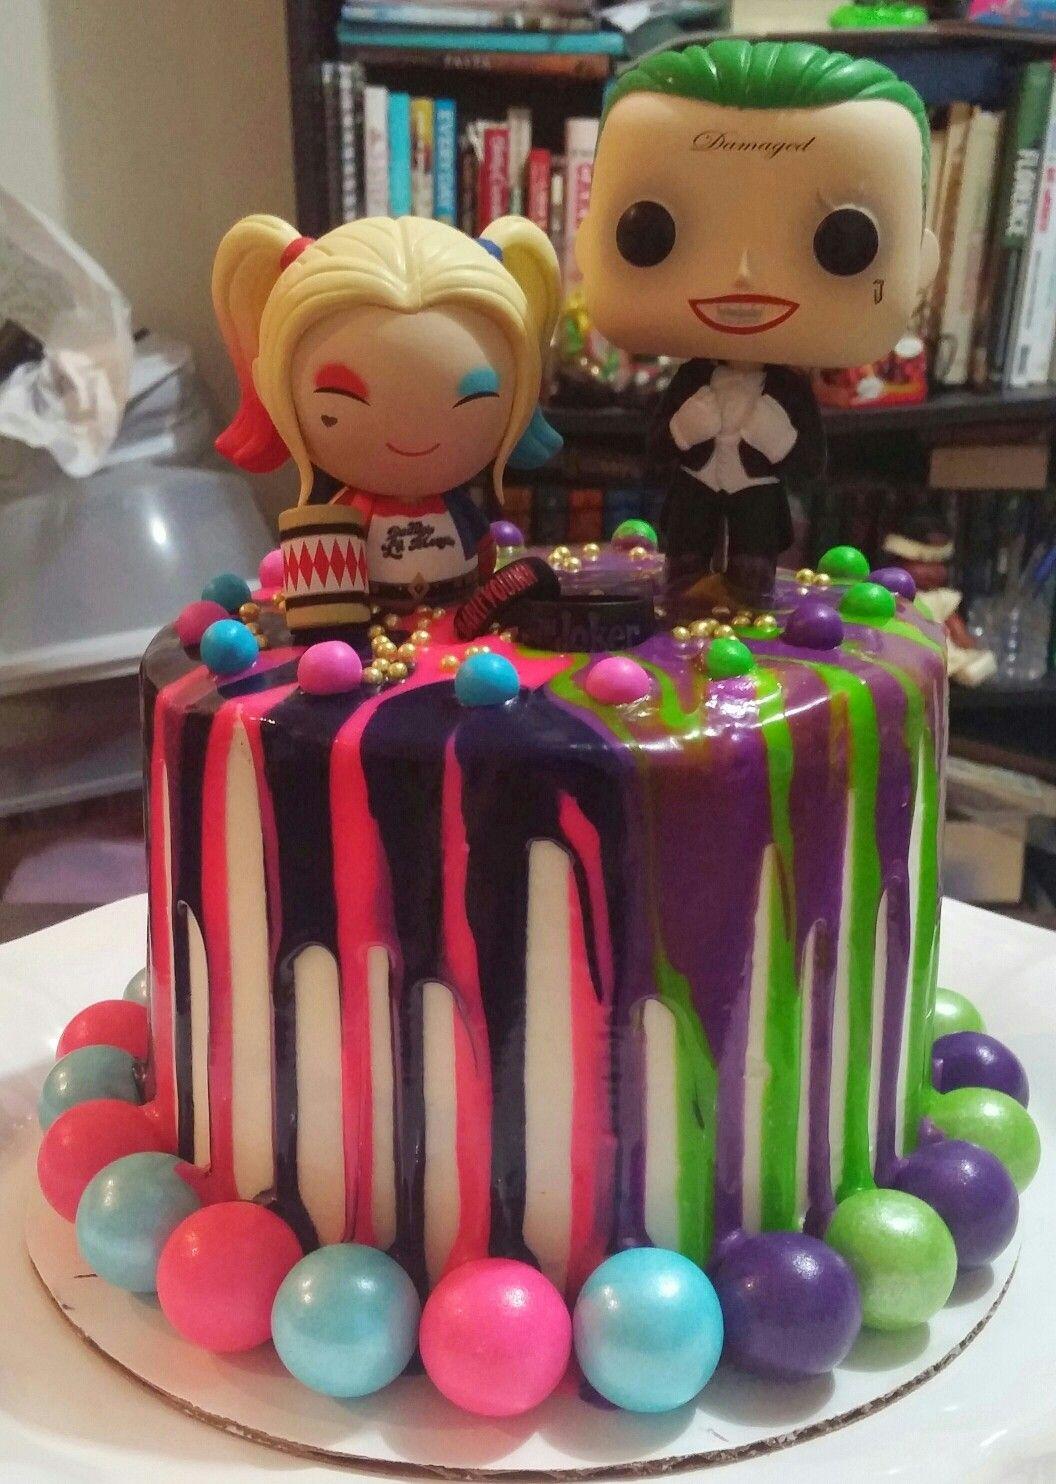 Harley Quinn Joker Drip Cake Happy 3rd Anniversary To My